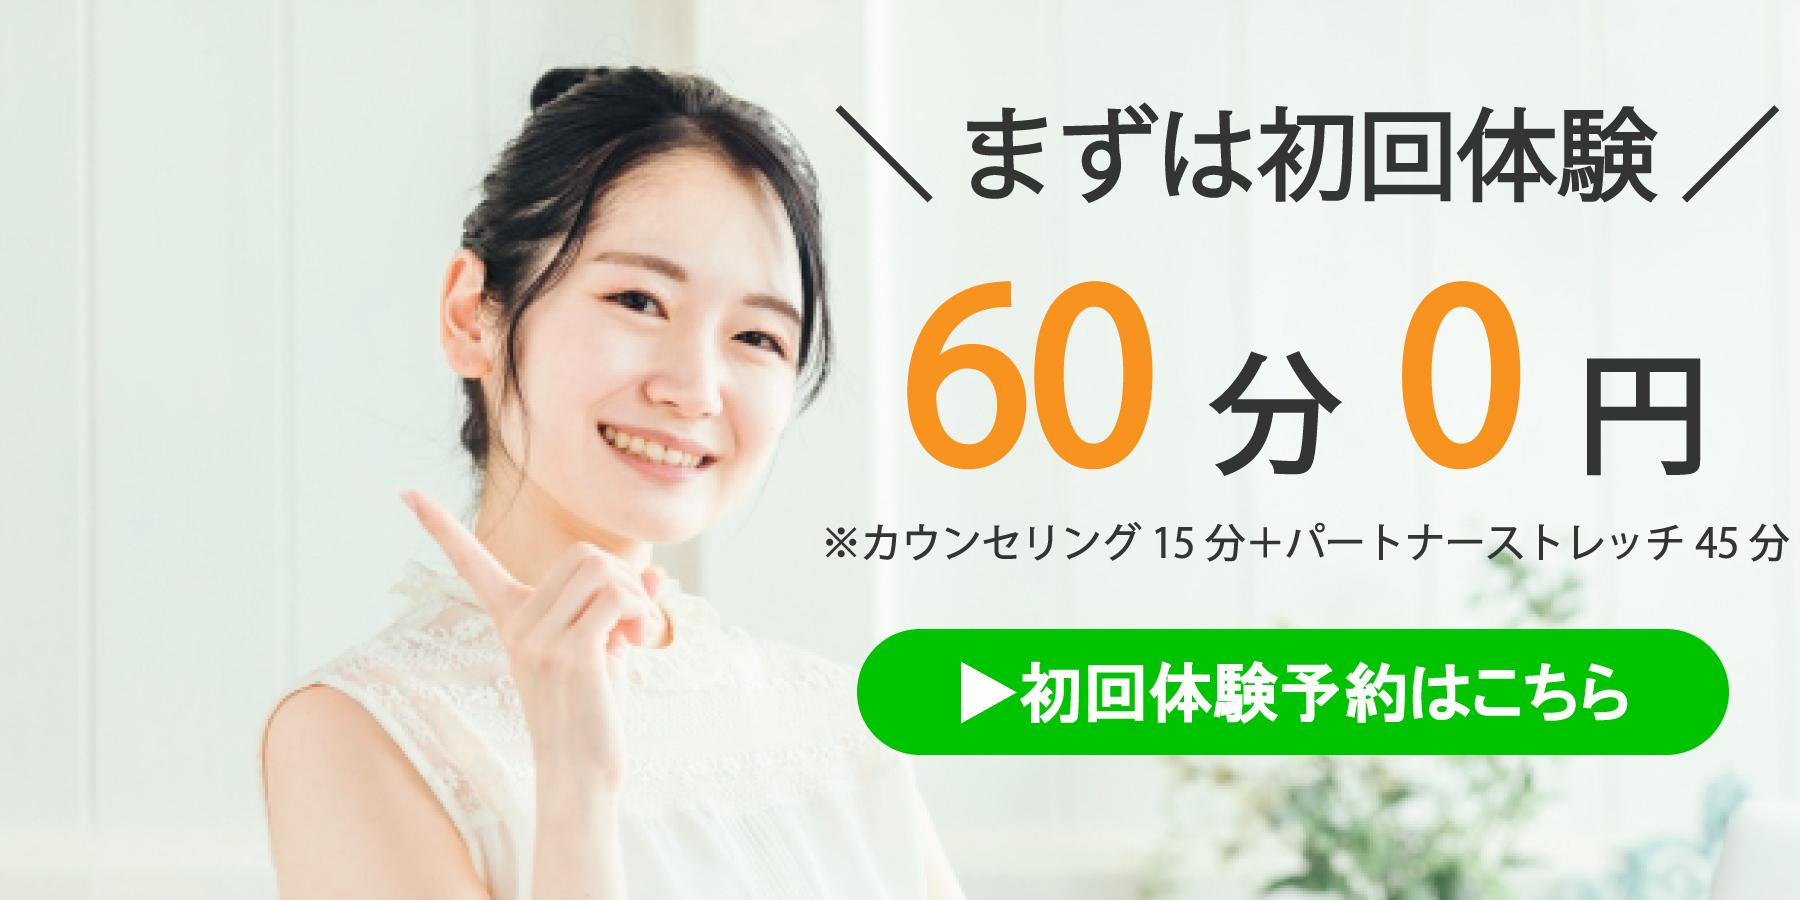 ストレッチ 初回体験.jpg